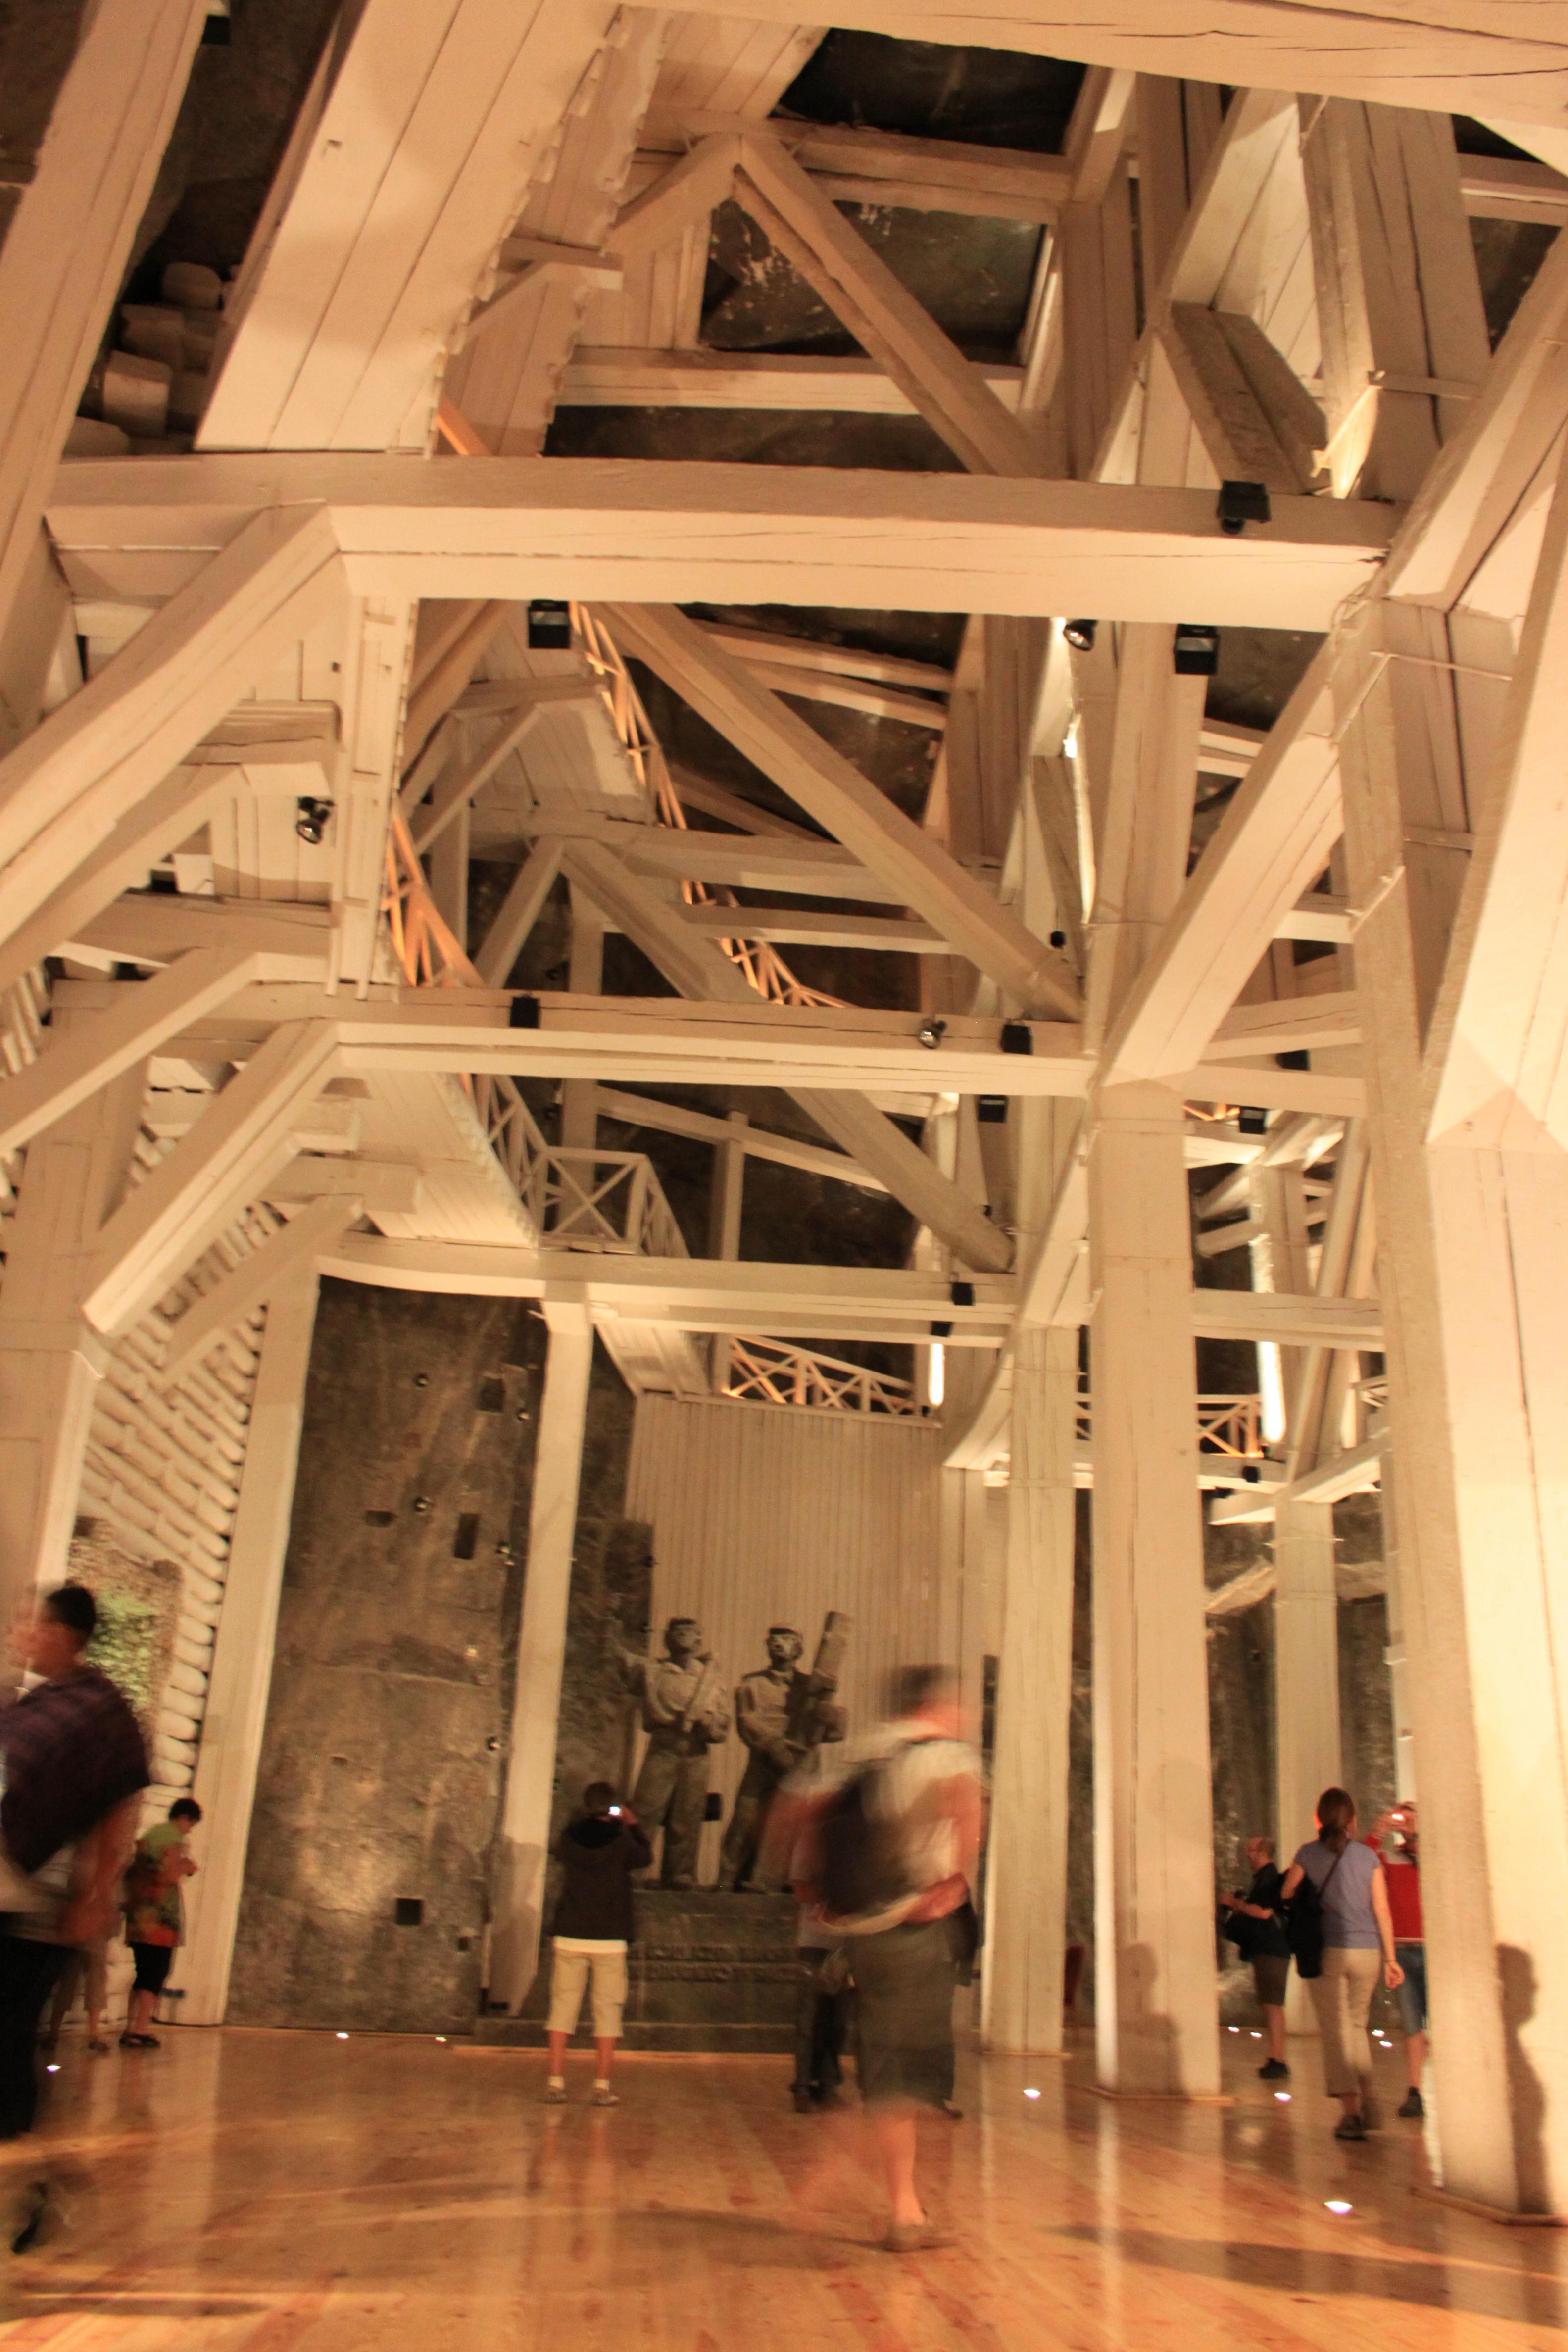 #Pologne Mine de Sel de Wieliczka, merveille inscrite dans la liste de l'Unesco